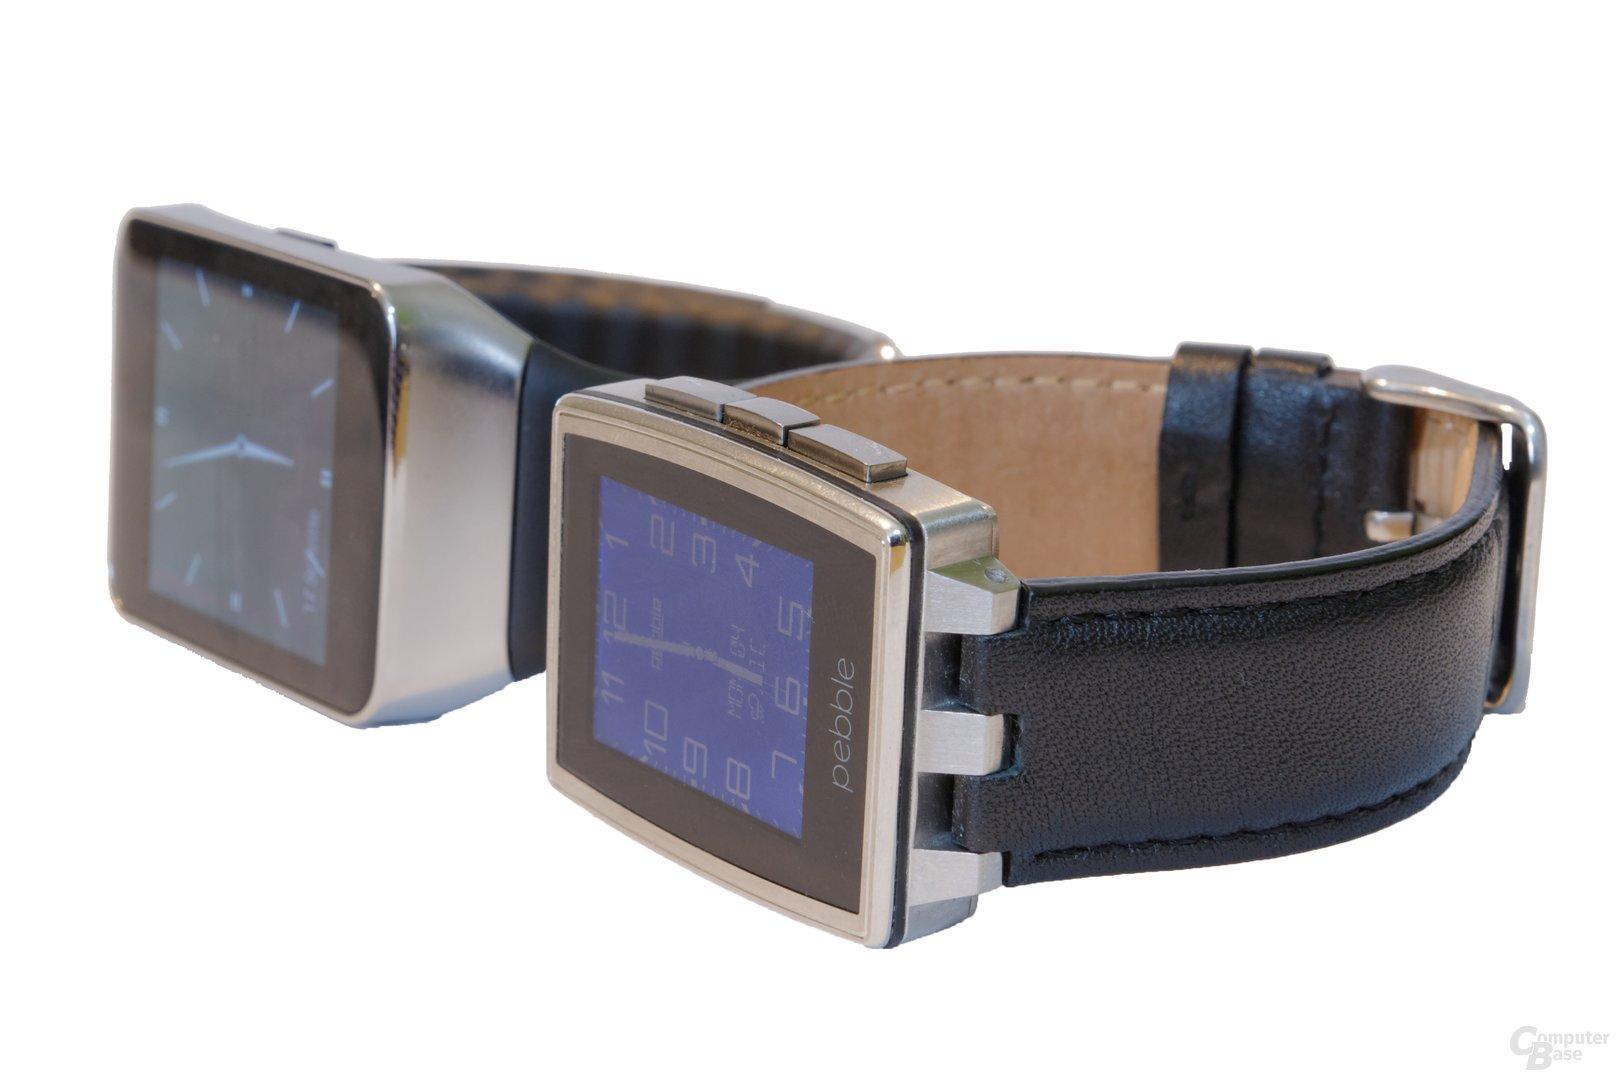 Pebble Steel und Samsung Gear Live